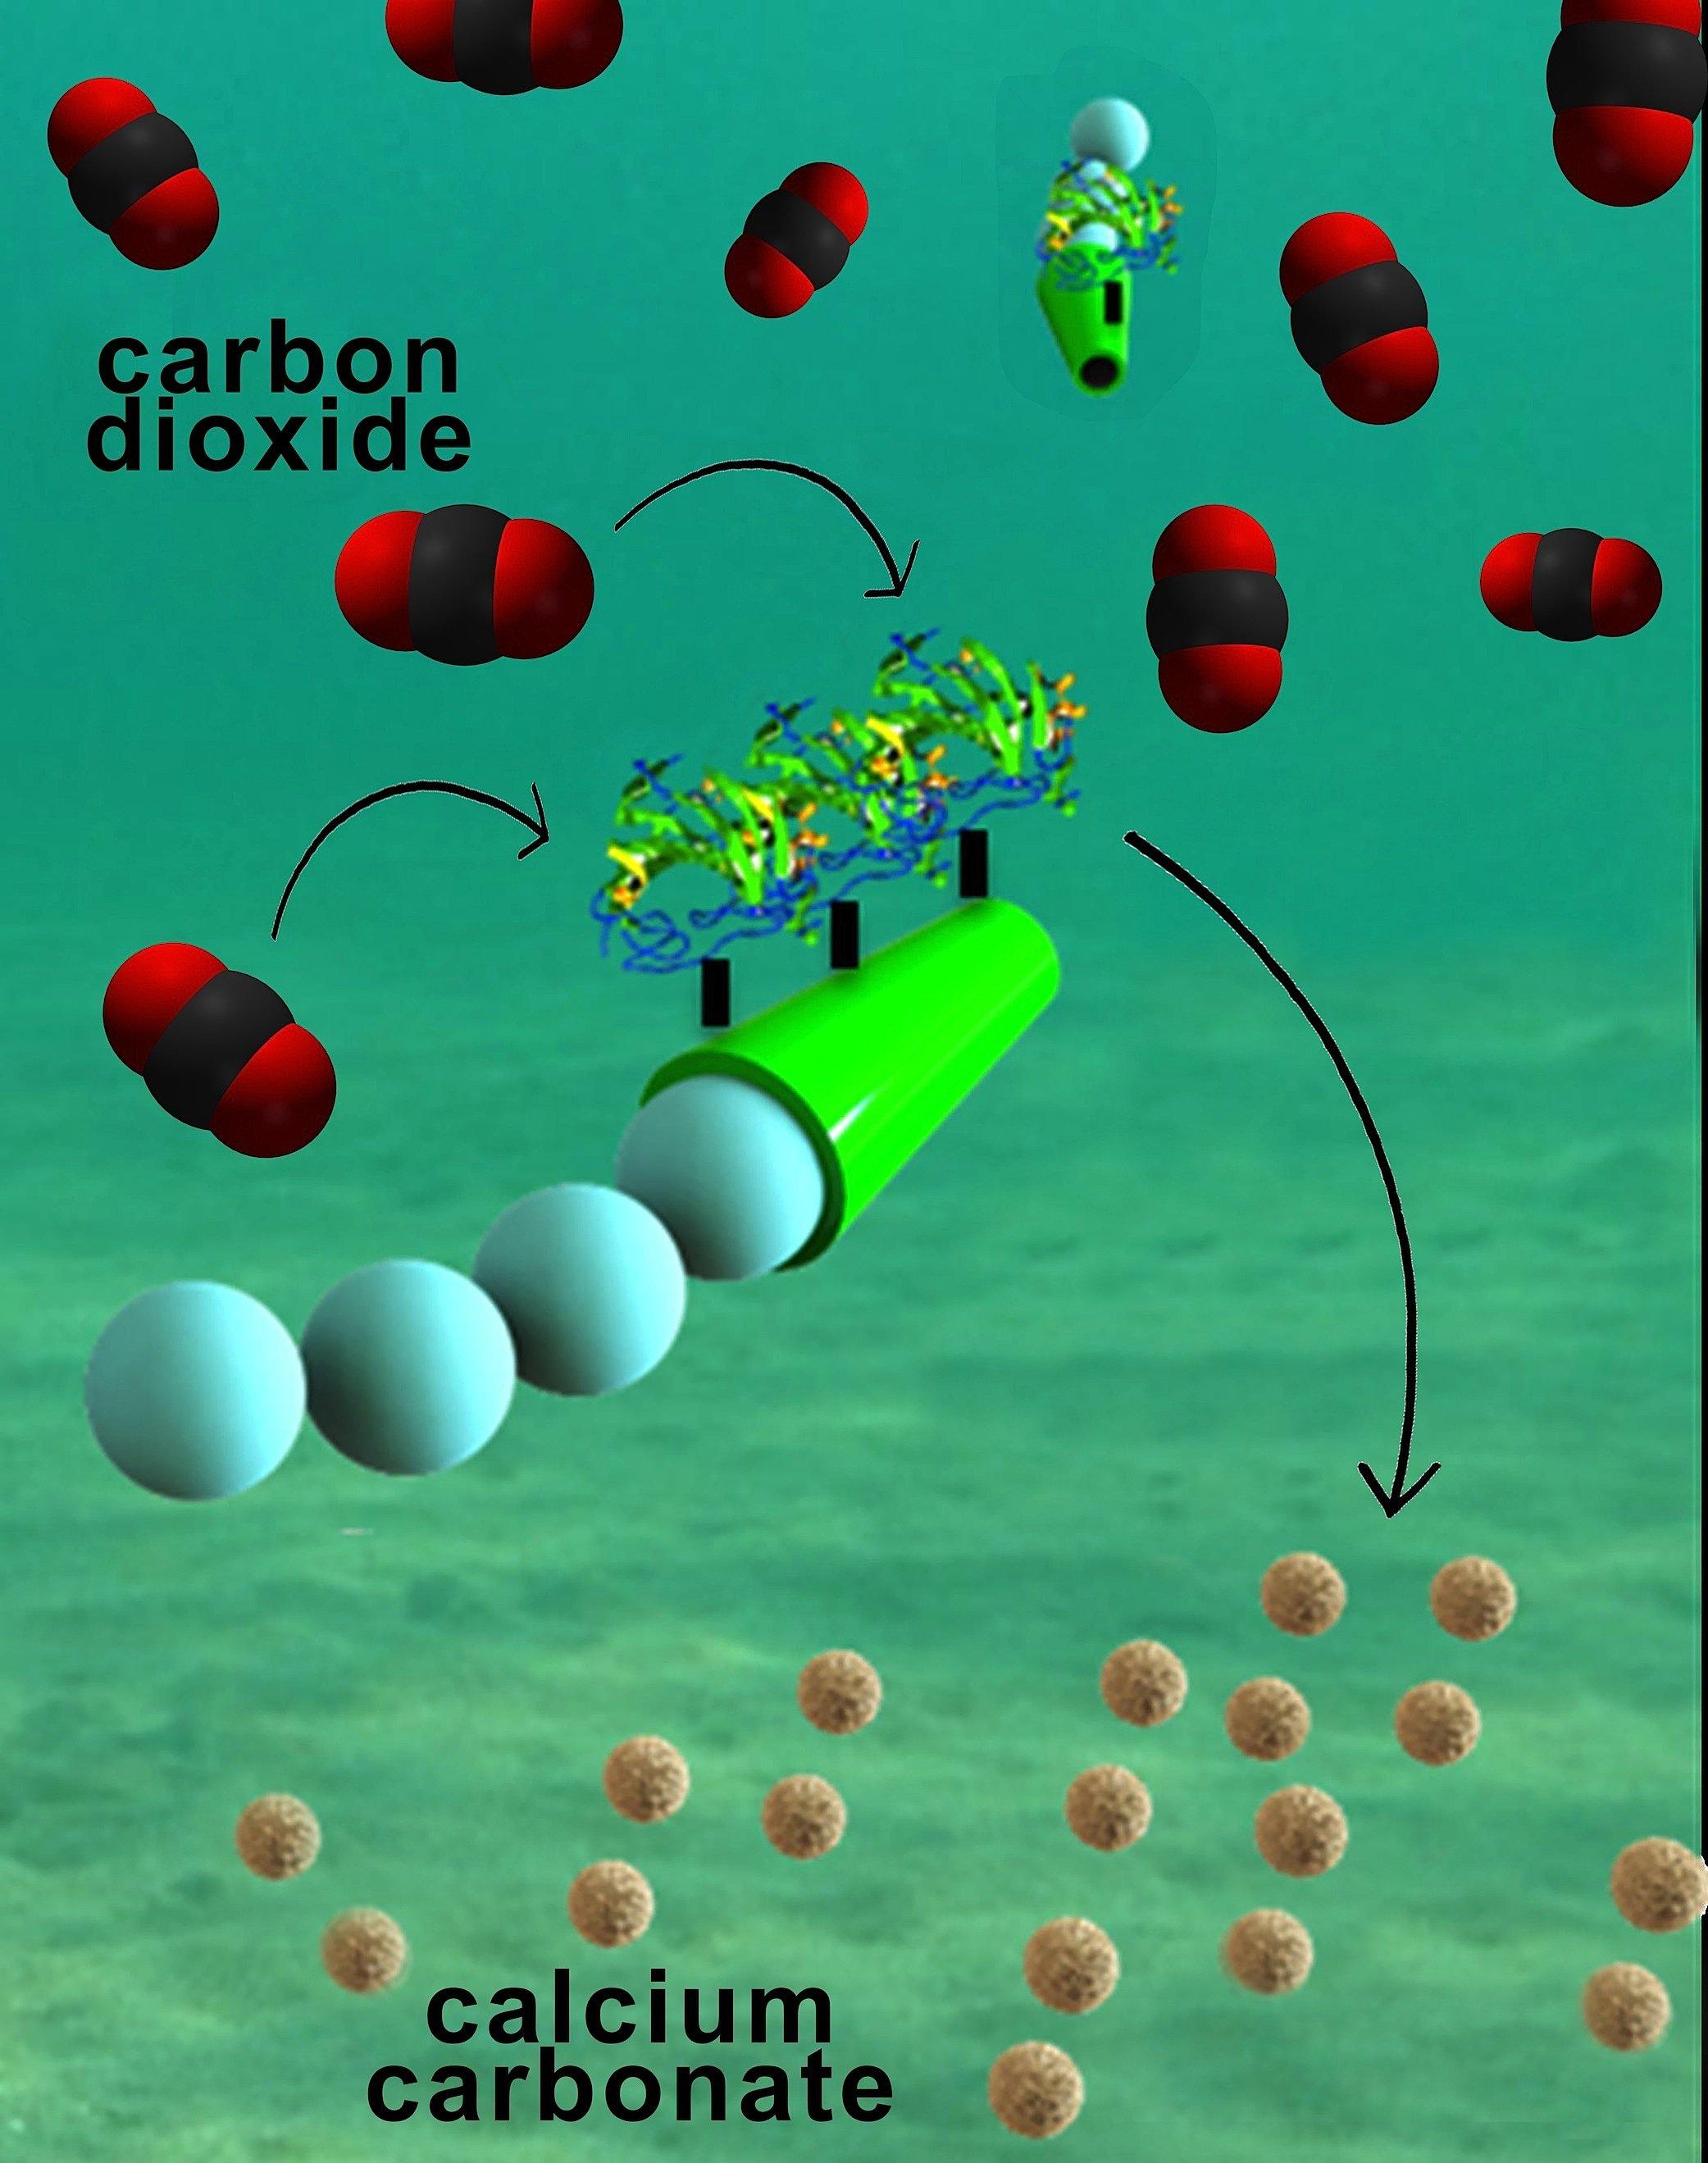 Die Mikromotoren bestehen aus einer Röhre mit einer Polymer-Oberfläche, auf der sich das Enzym Carboanhydrase befindet. Das Enzym ist der Katalysator für eine Reaktion zwischen dem gelösten CO2 und dem Wasser zu Bicarbonat, das wiederum mit zugesetztem Calciumchlorid zu festem Calciumcarbonat reagiert.